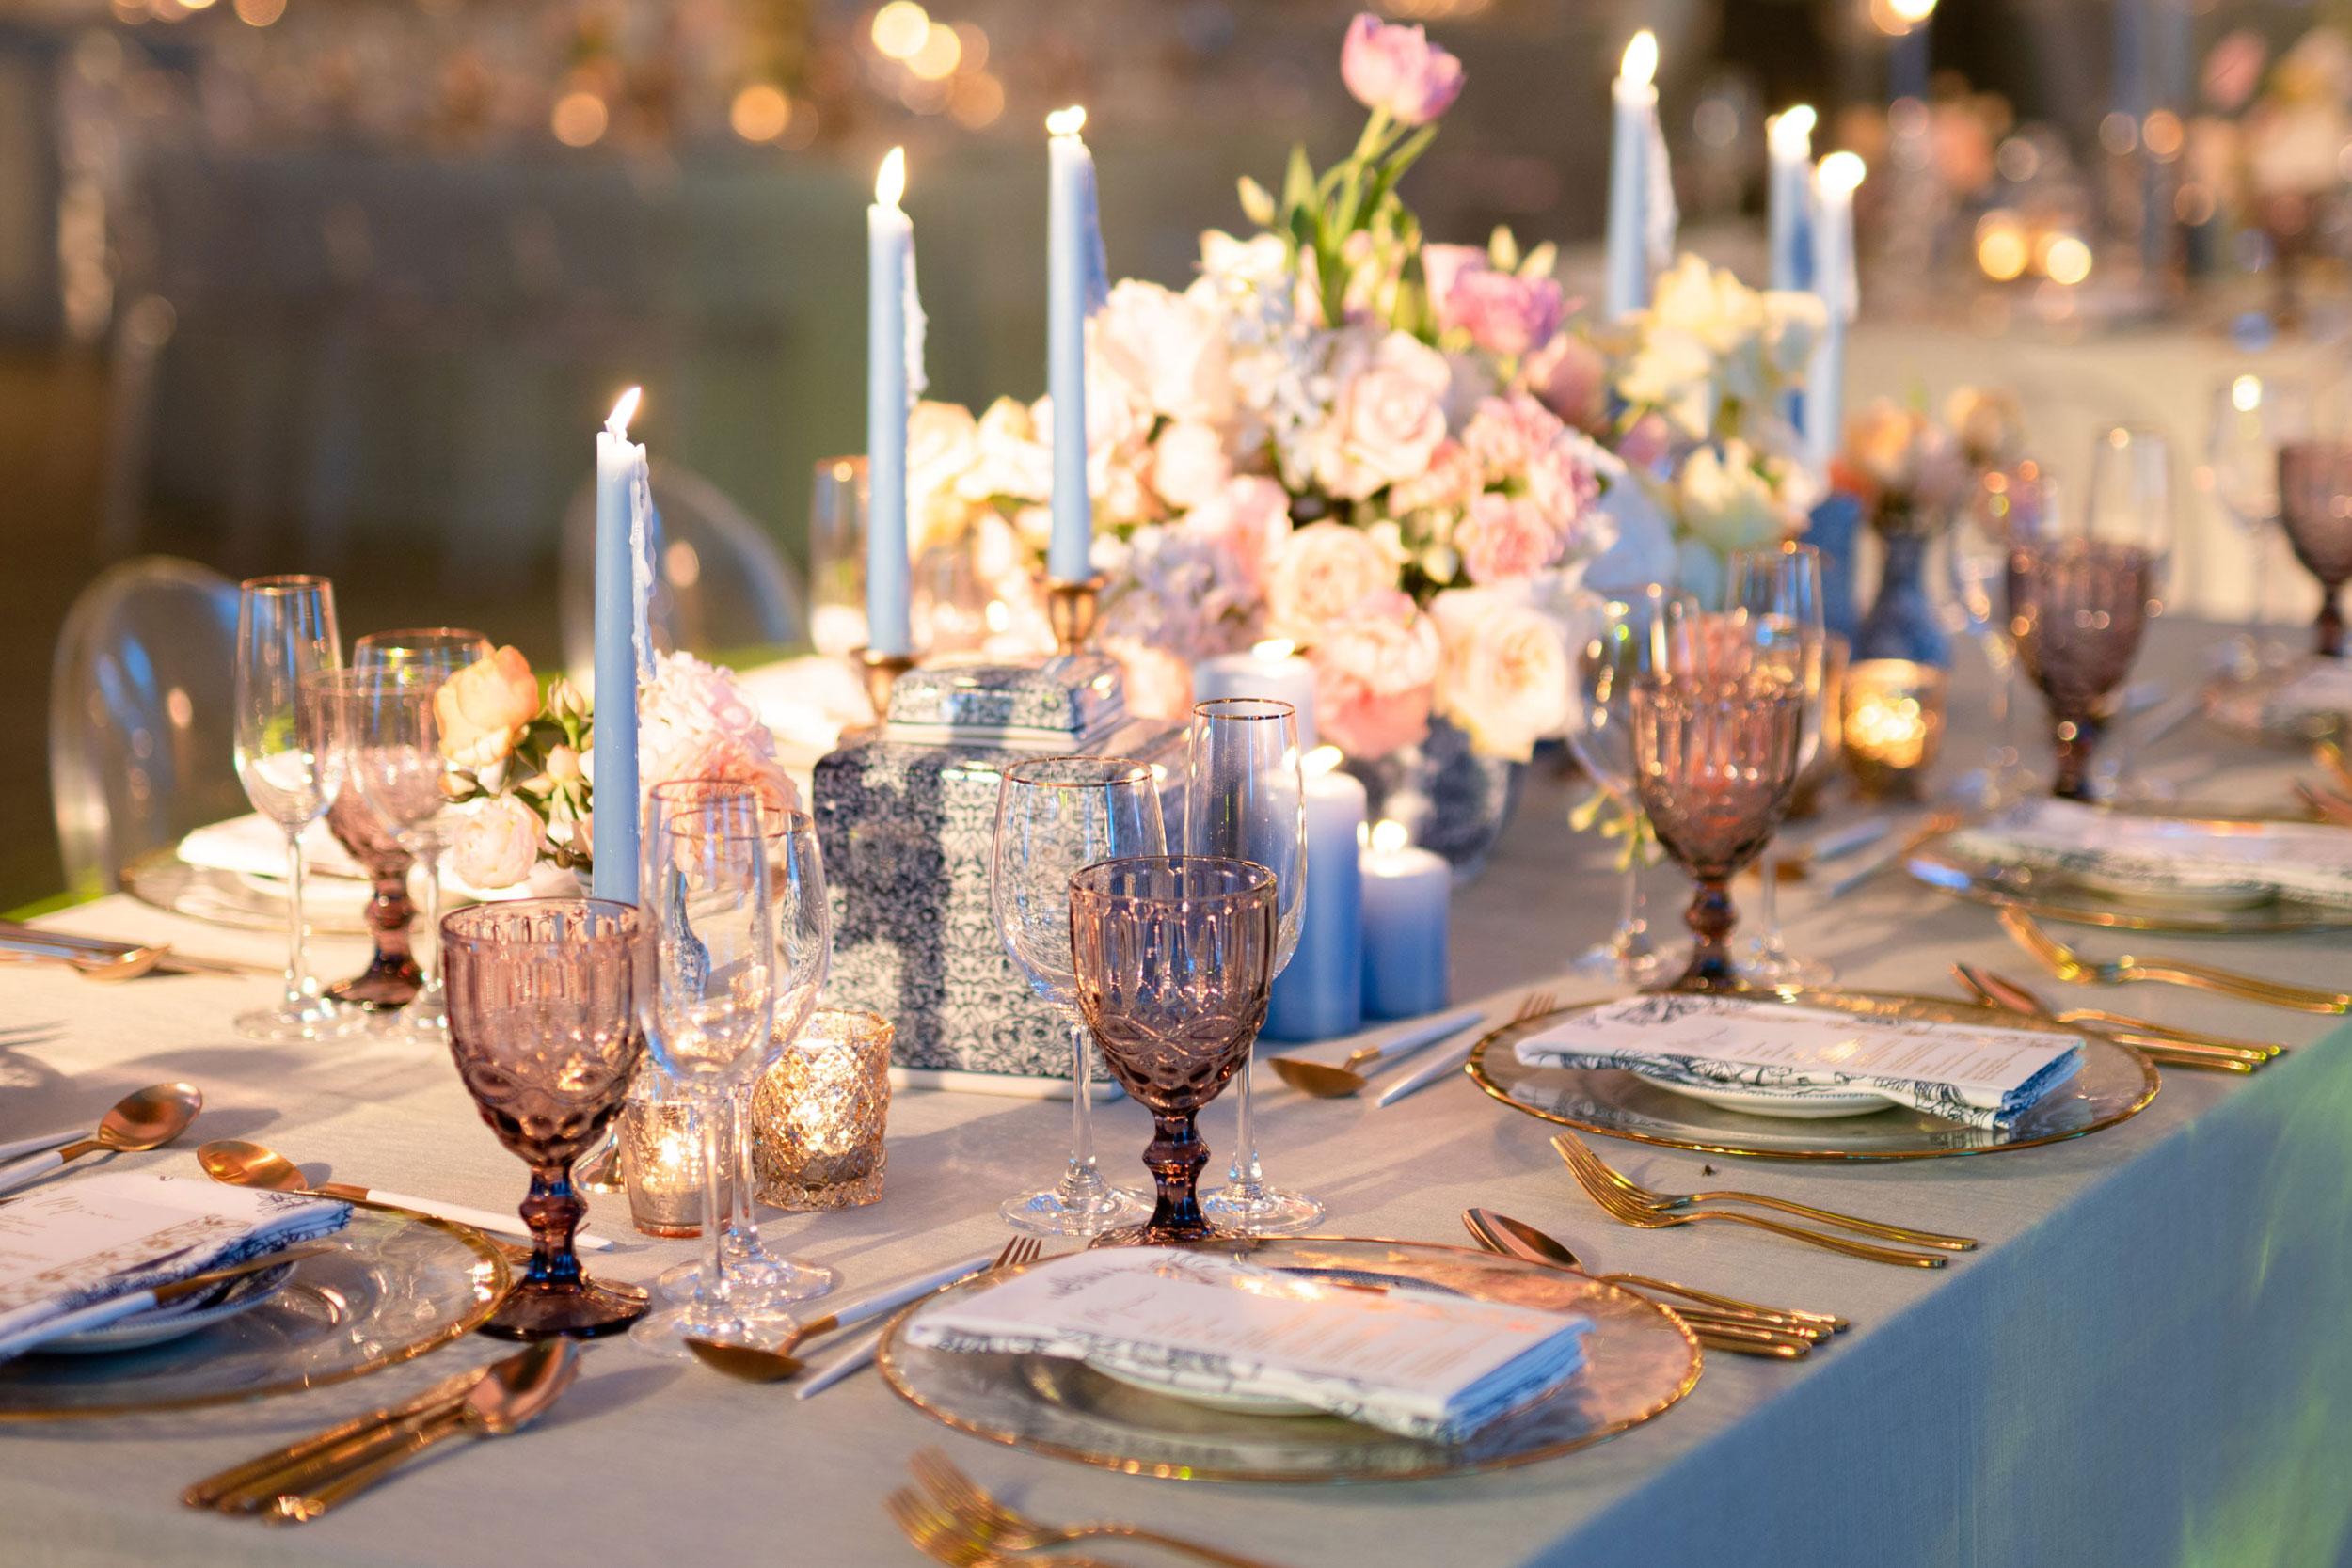 A perfectly set wedding venue - Weddings by Marius